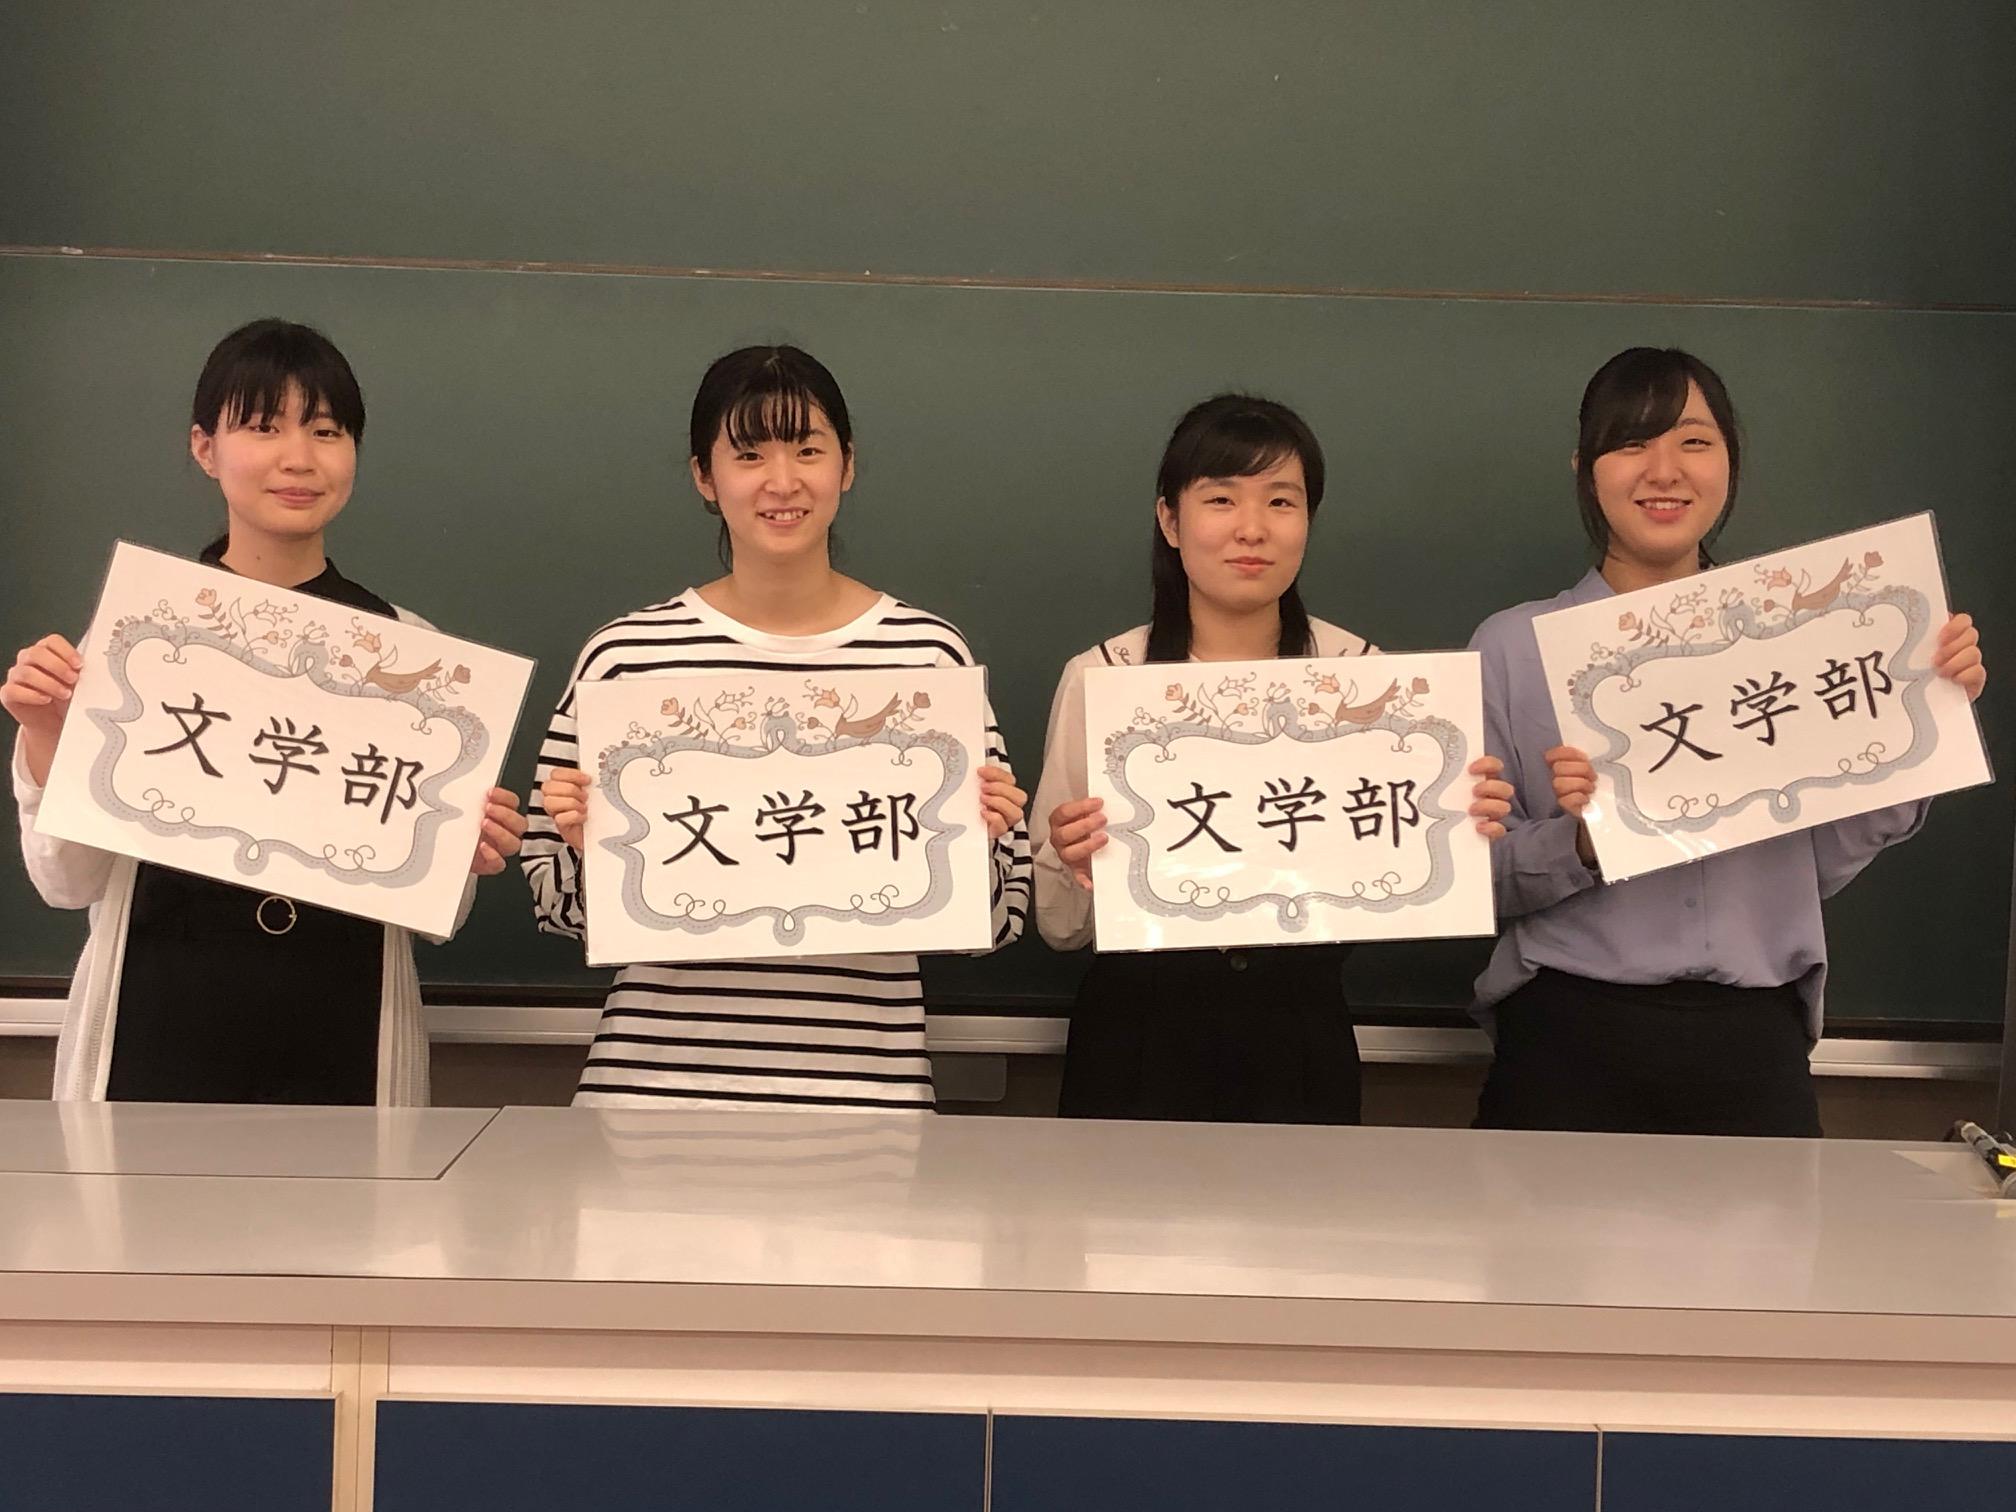 千葉テレビ様で聖徳大学文学部が実就職率日本一として紹介されました。10月10日開催のオープンキャンパスの受付開始!座席数が半分になりますので急ぎ、ご予約を!